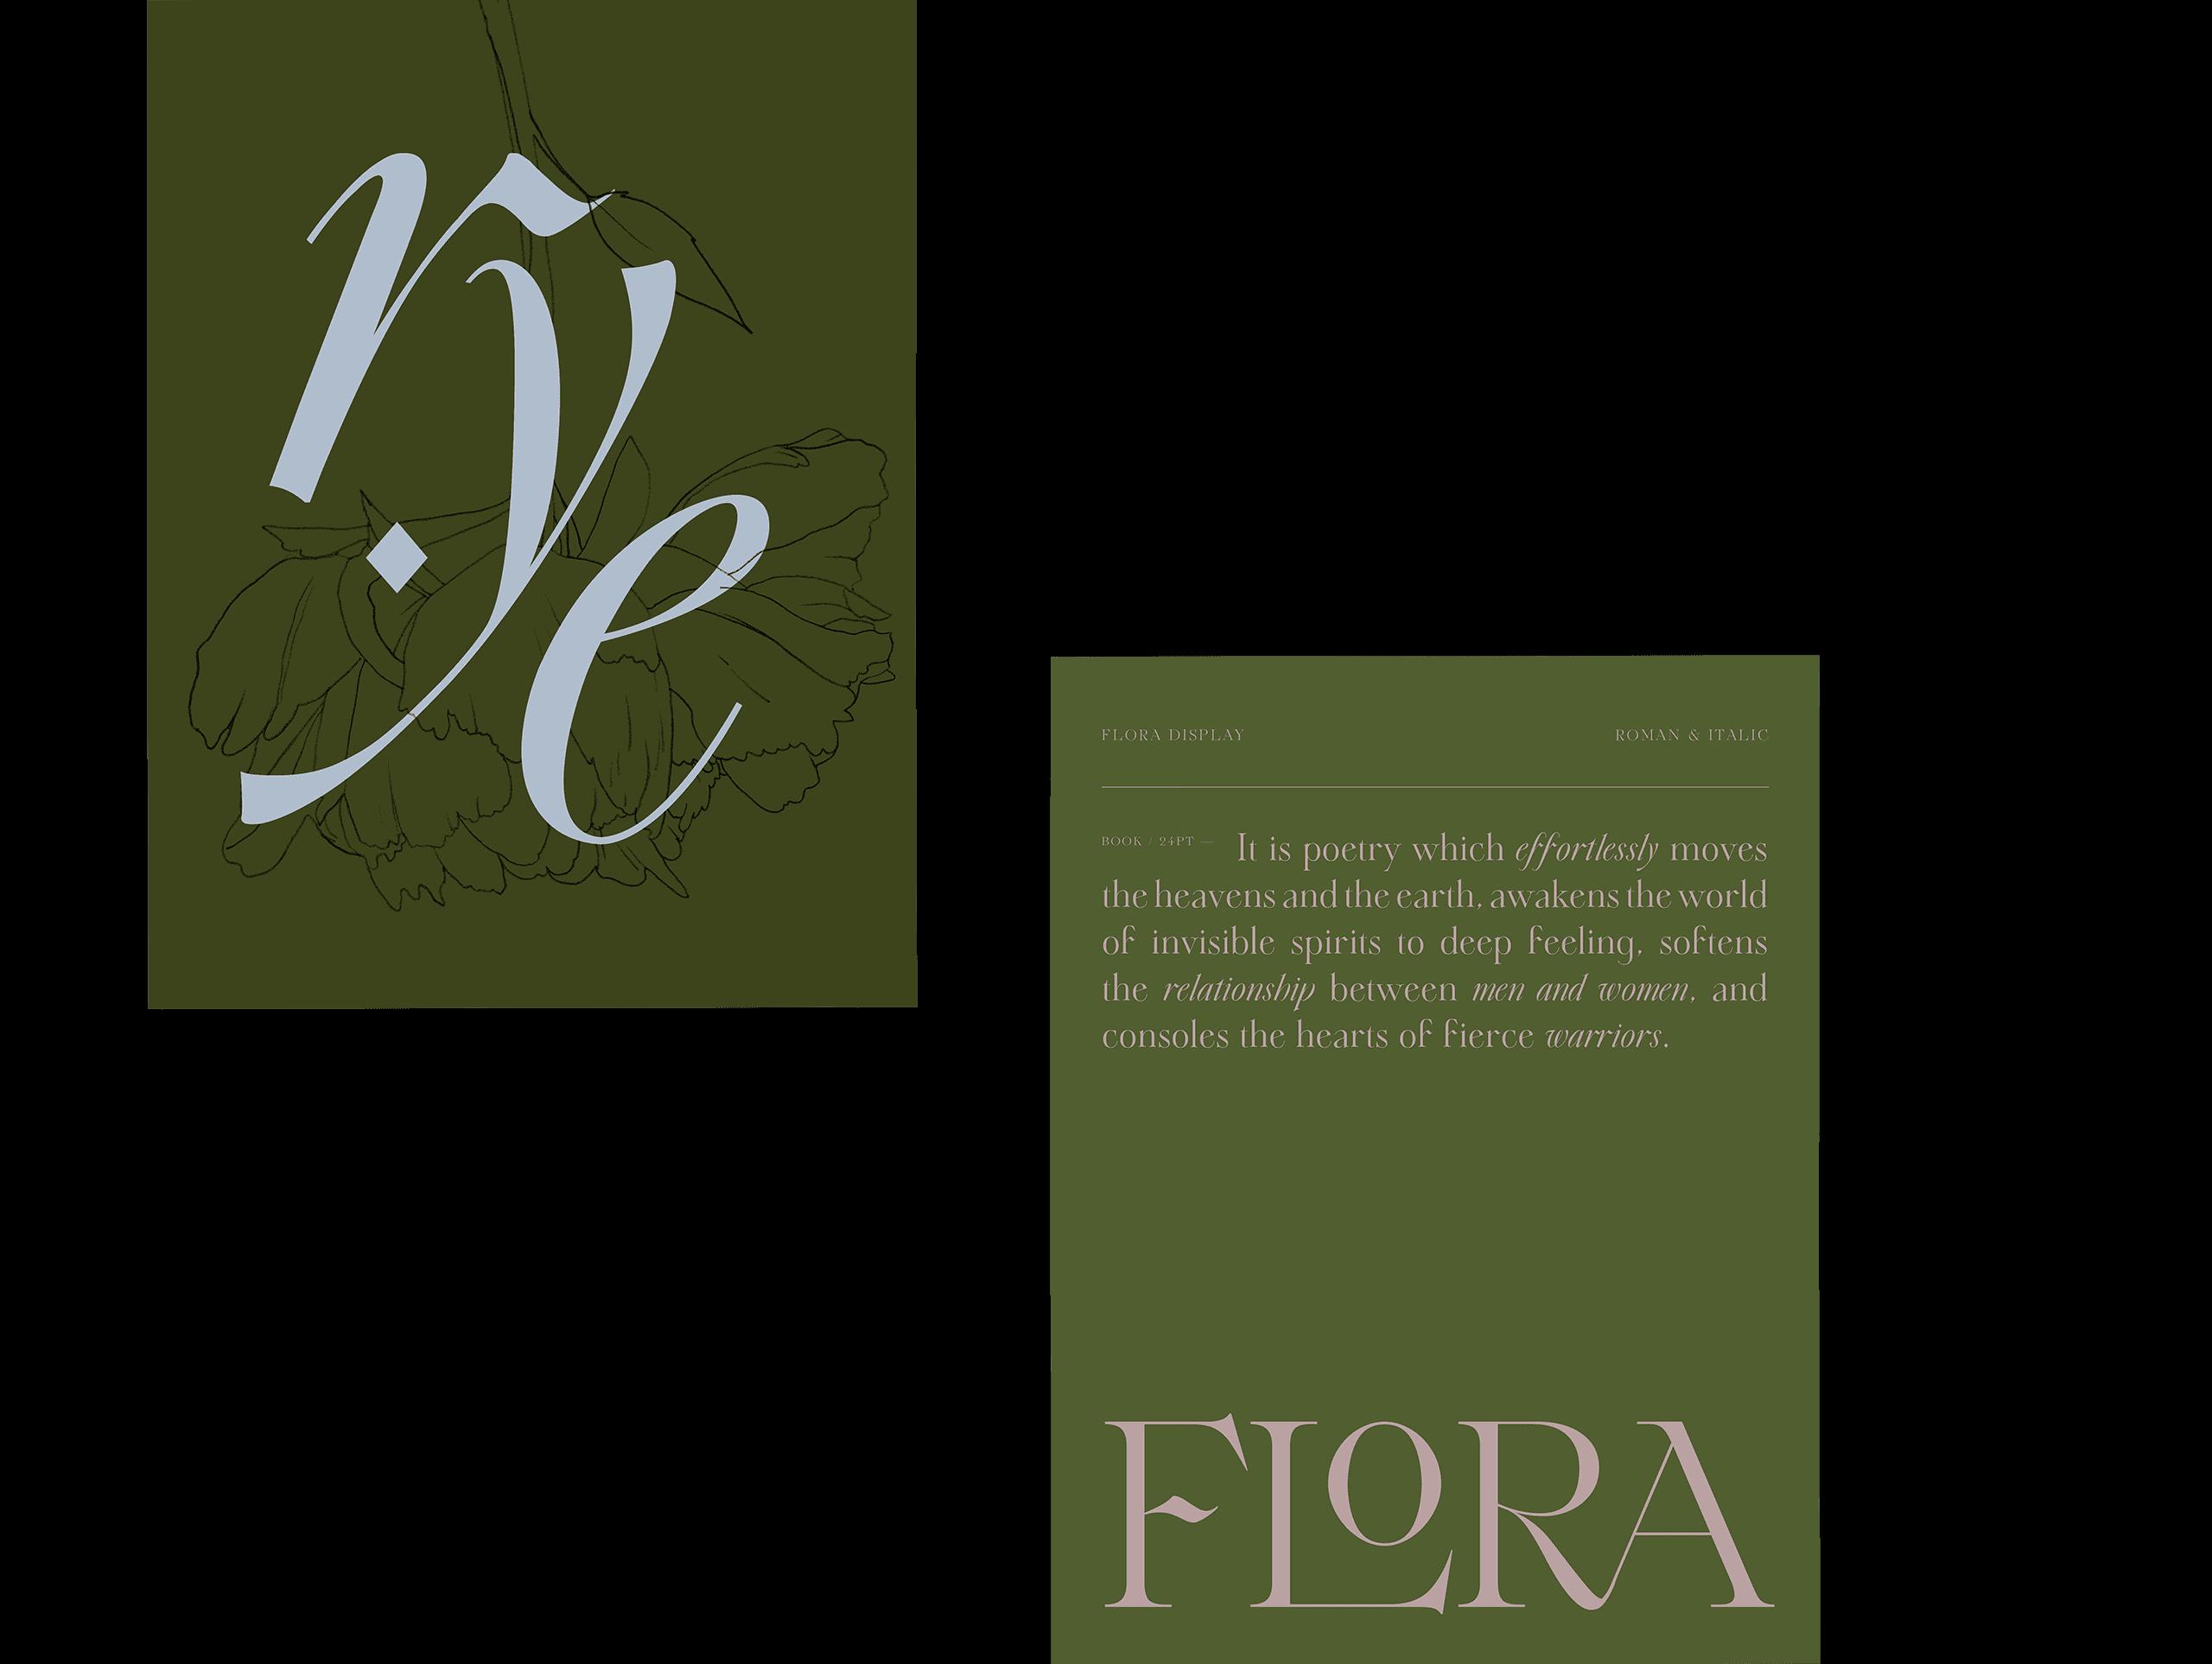 Flora_Poster_LR_02-2-compressor